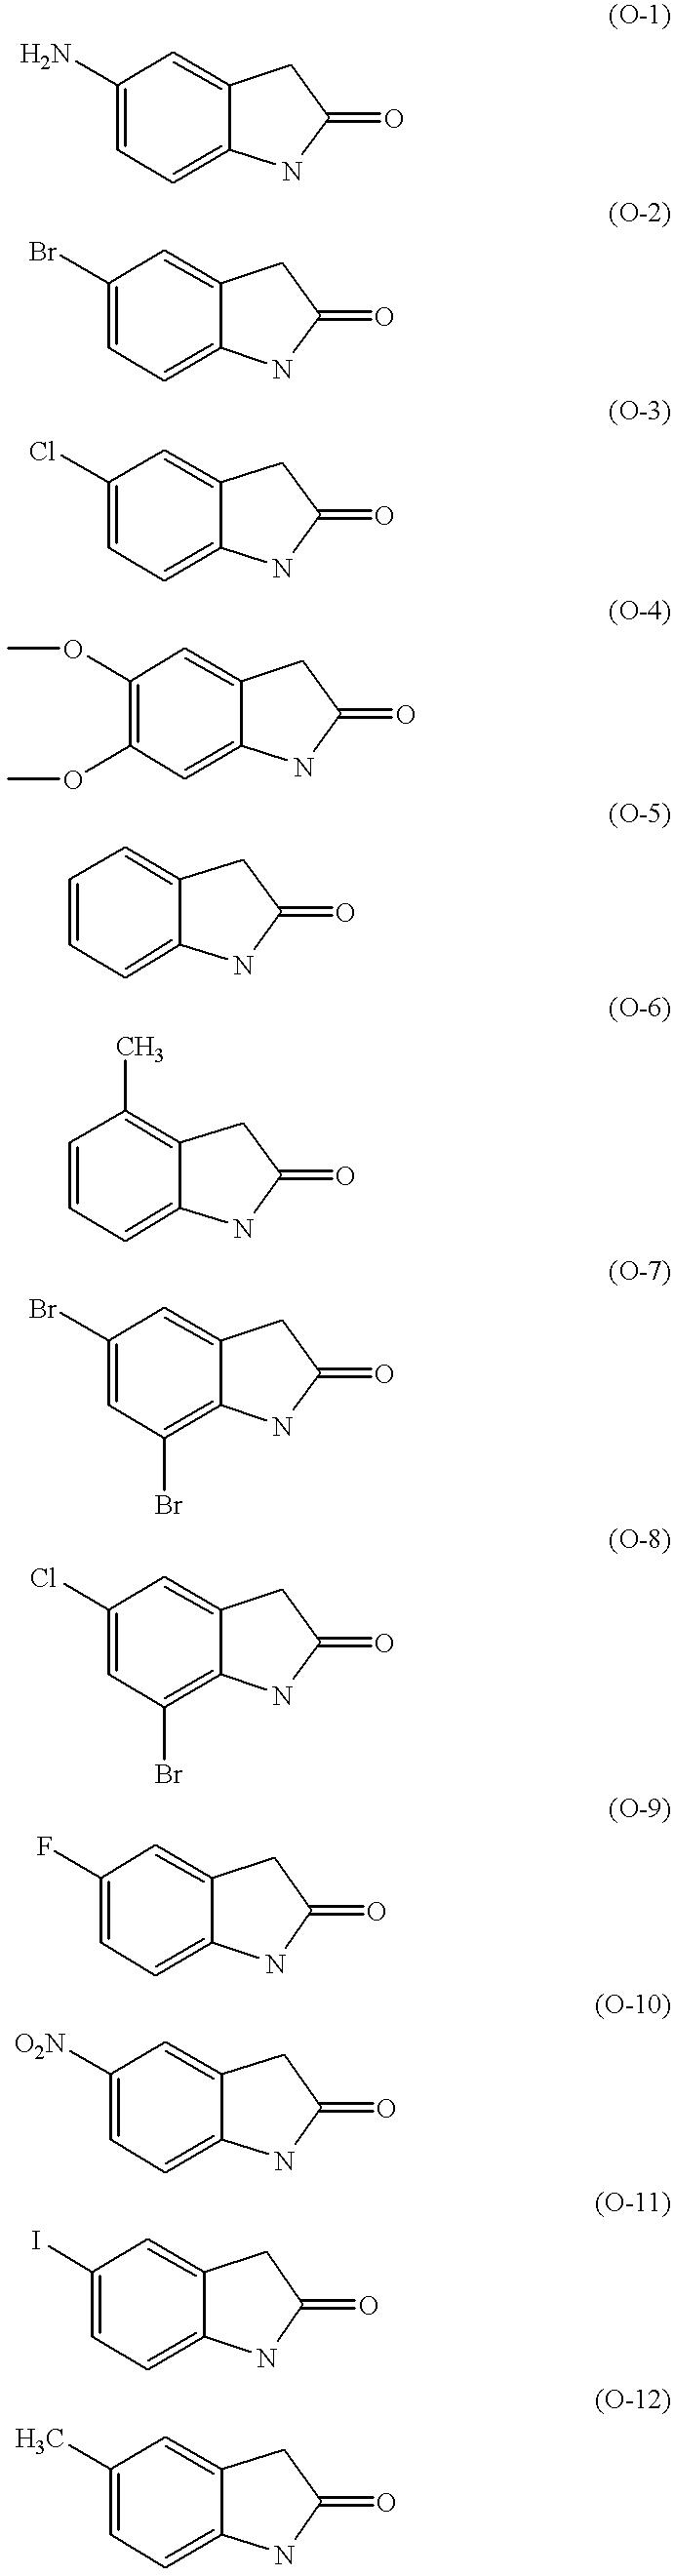 Figure US06514981-20030204-C00005